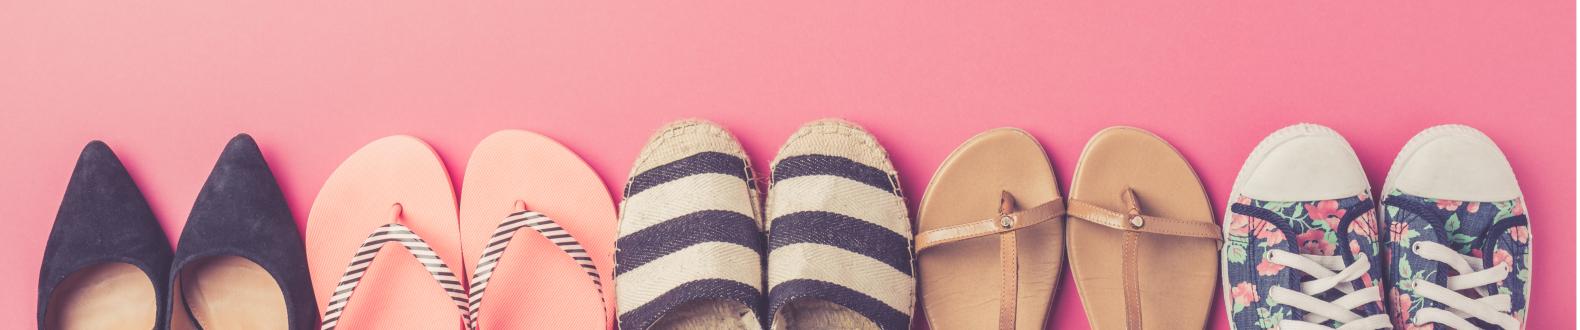 ladies footwear